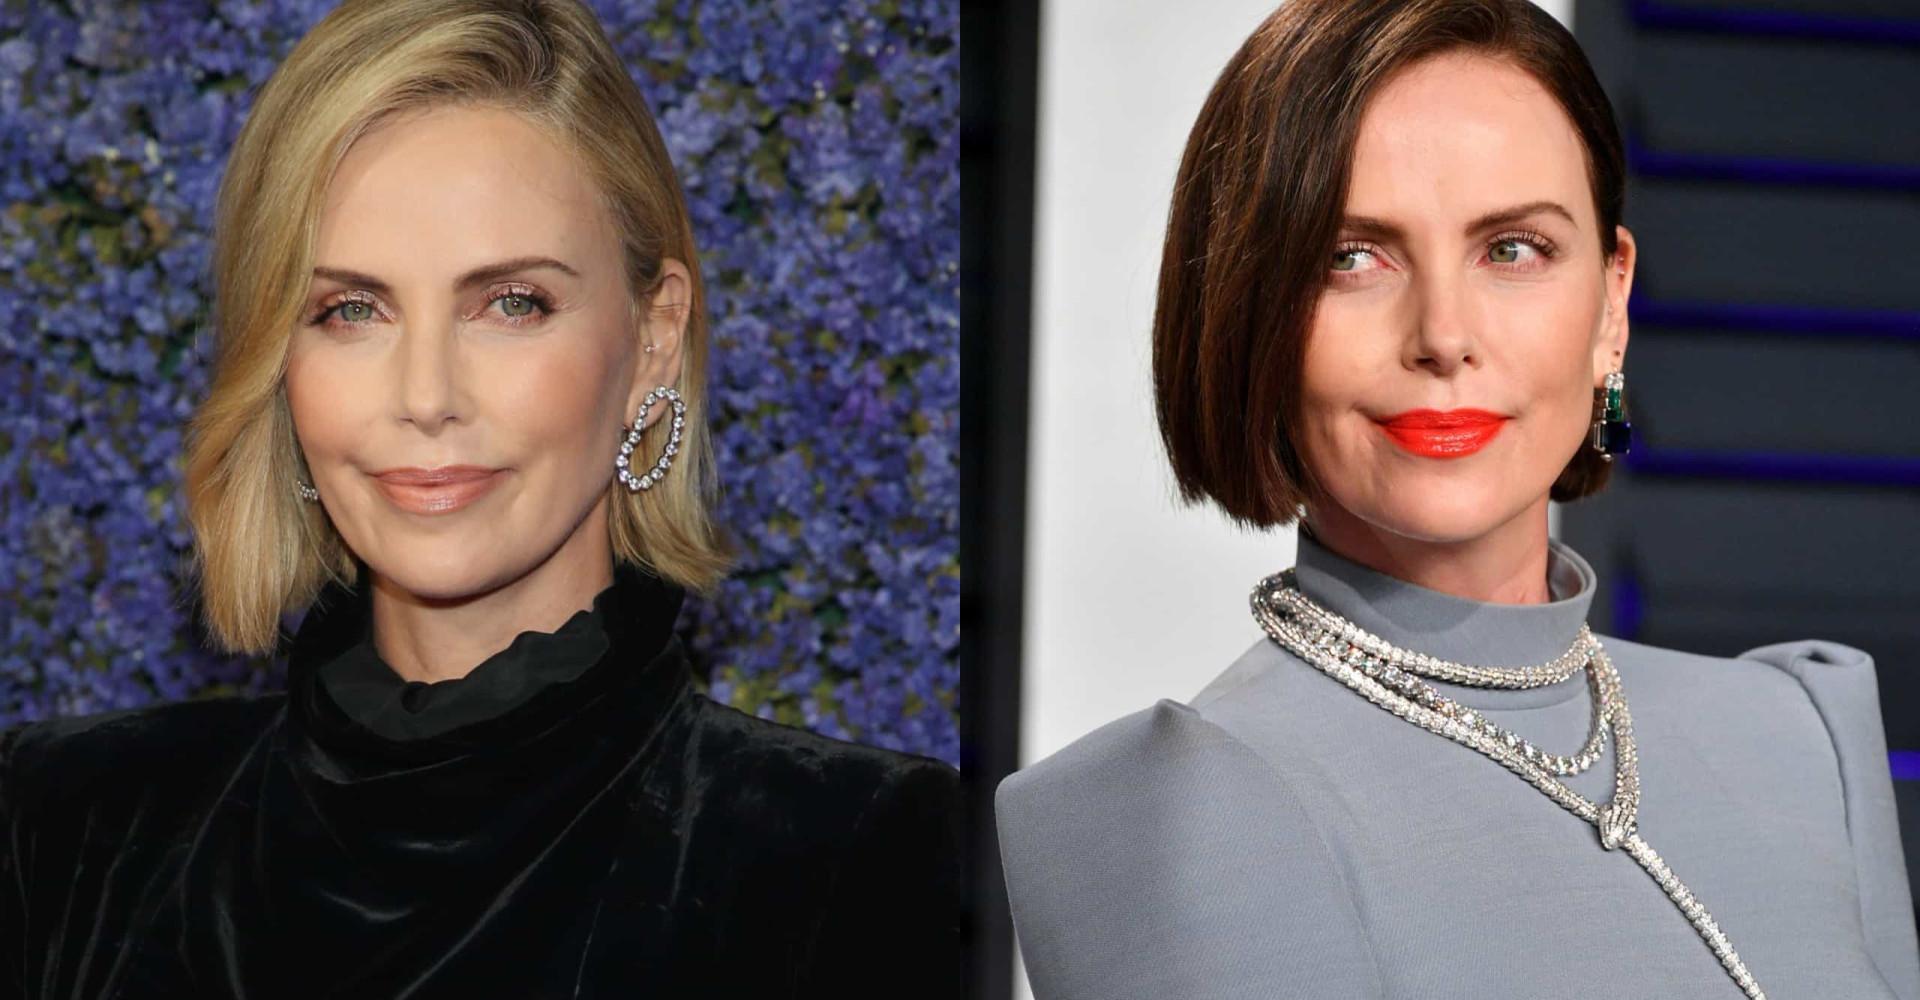 Näyttävätkö nämä julkkikset paremmalta blondeina vai brunetteina?